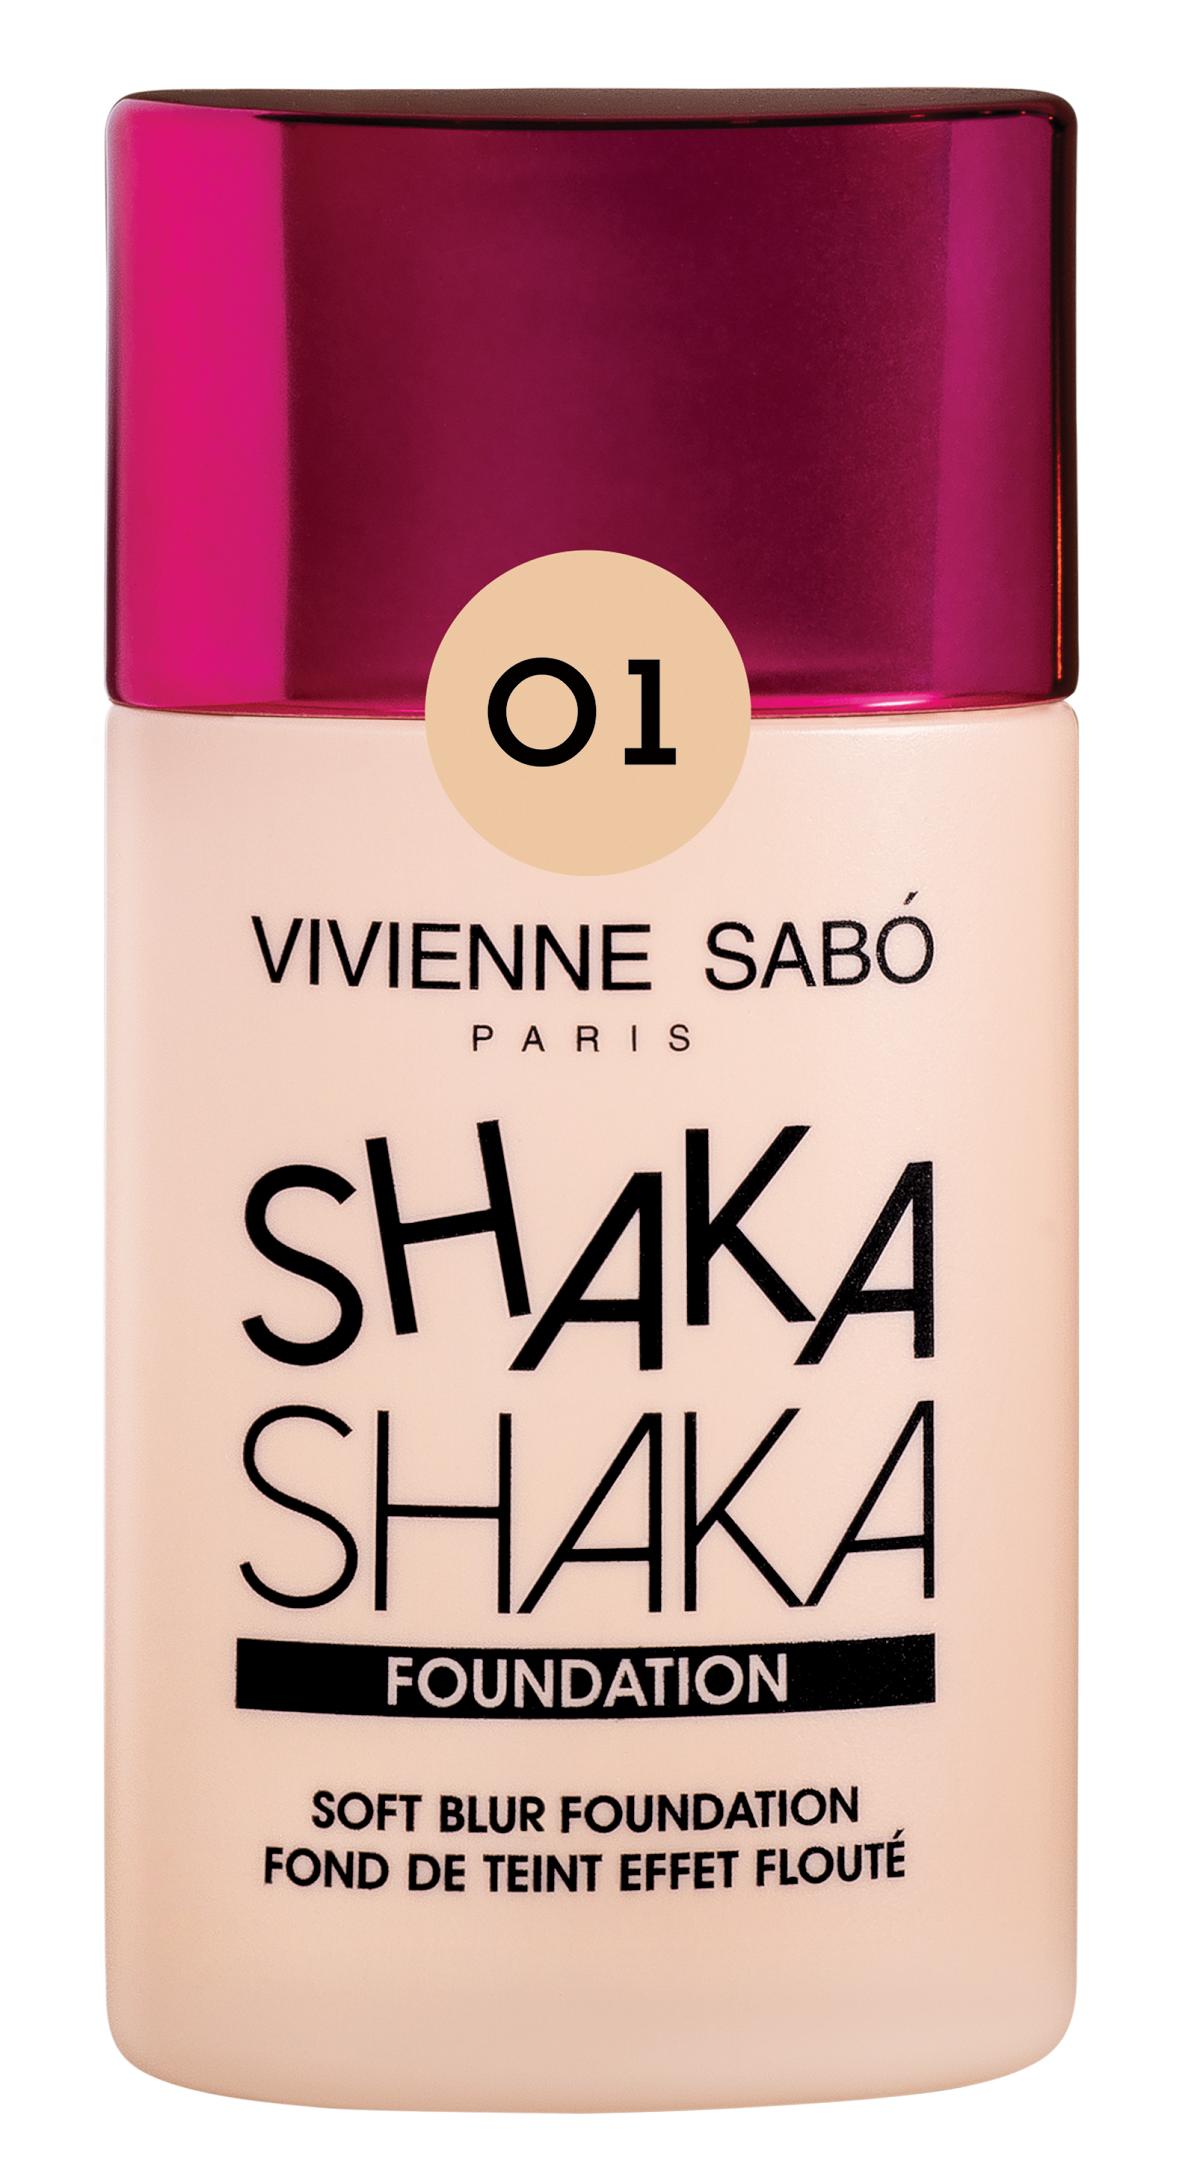 Vivienne Sabo - Soft Blur Foundation Vivienne Sabo - Shaka Shaka Foundation mit Blur-Effekt